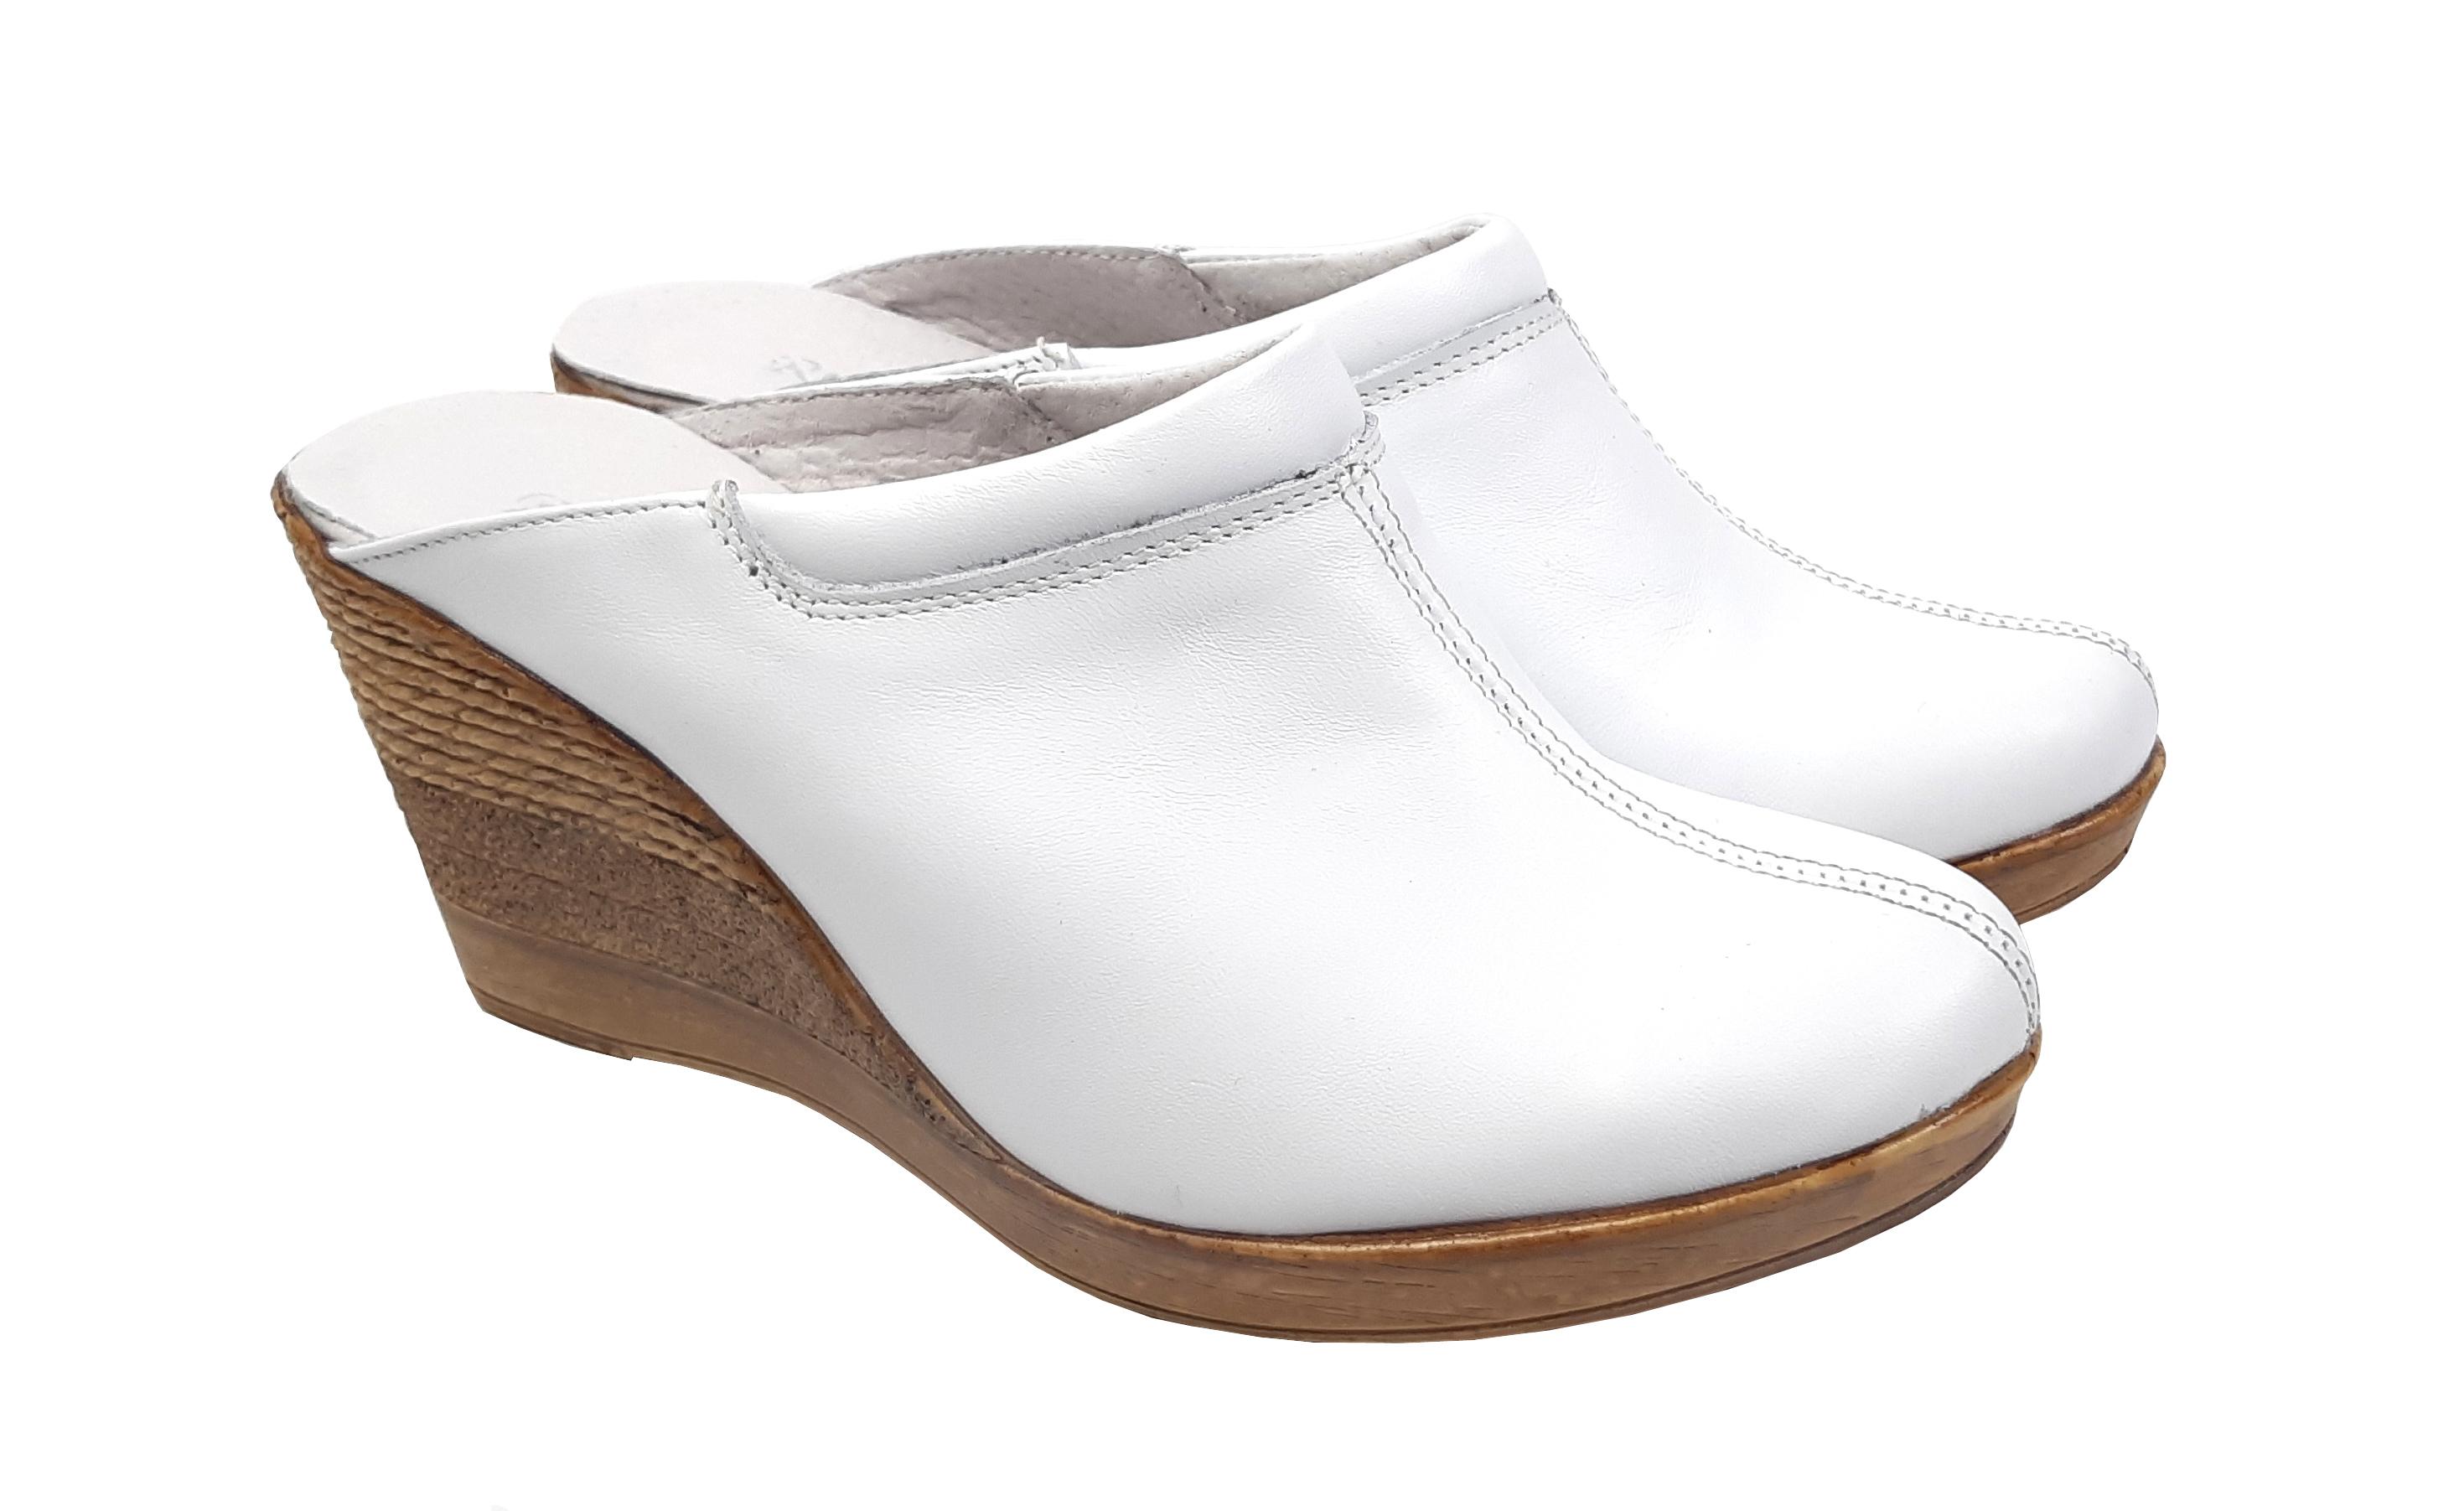 Oferta marimea 36 - Saboti dama albi din piele naturala, platforme de 7 cm, LTEA19ALB